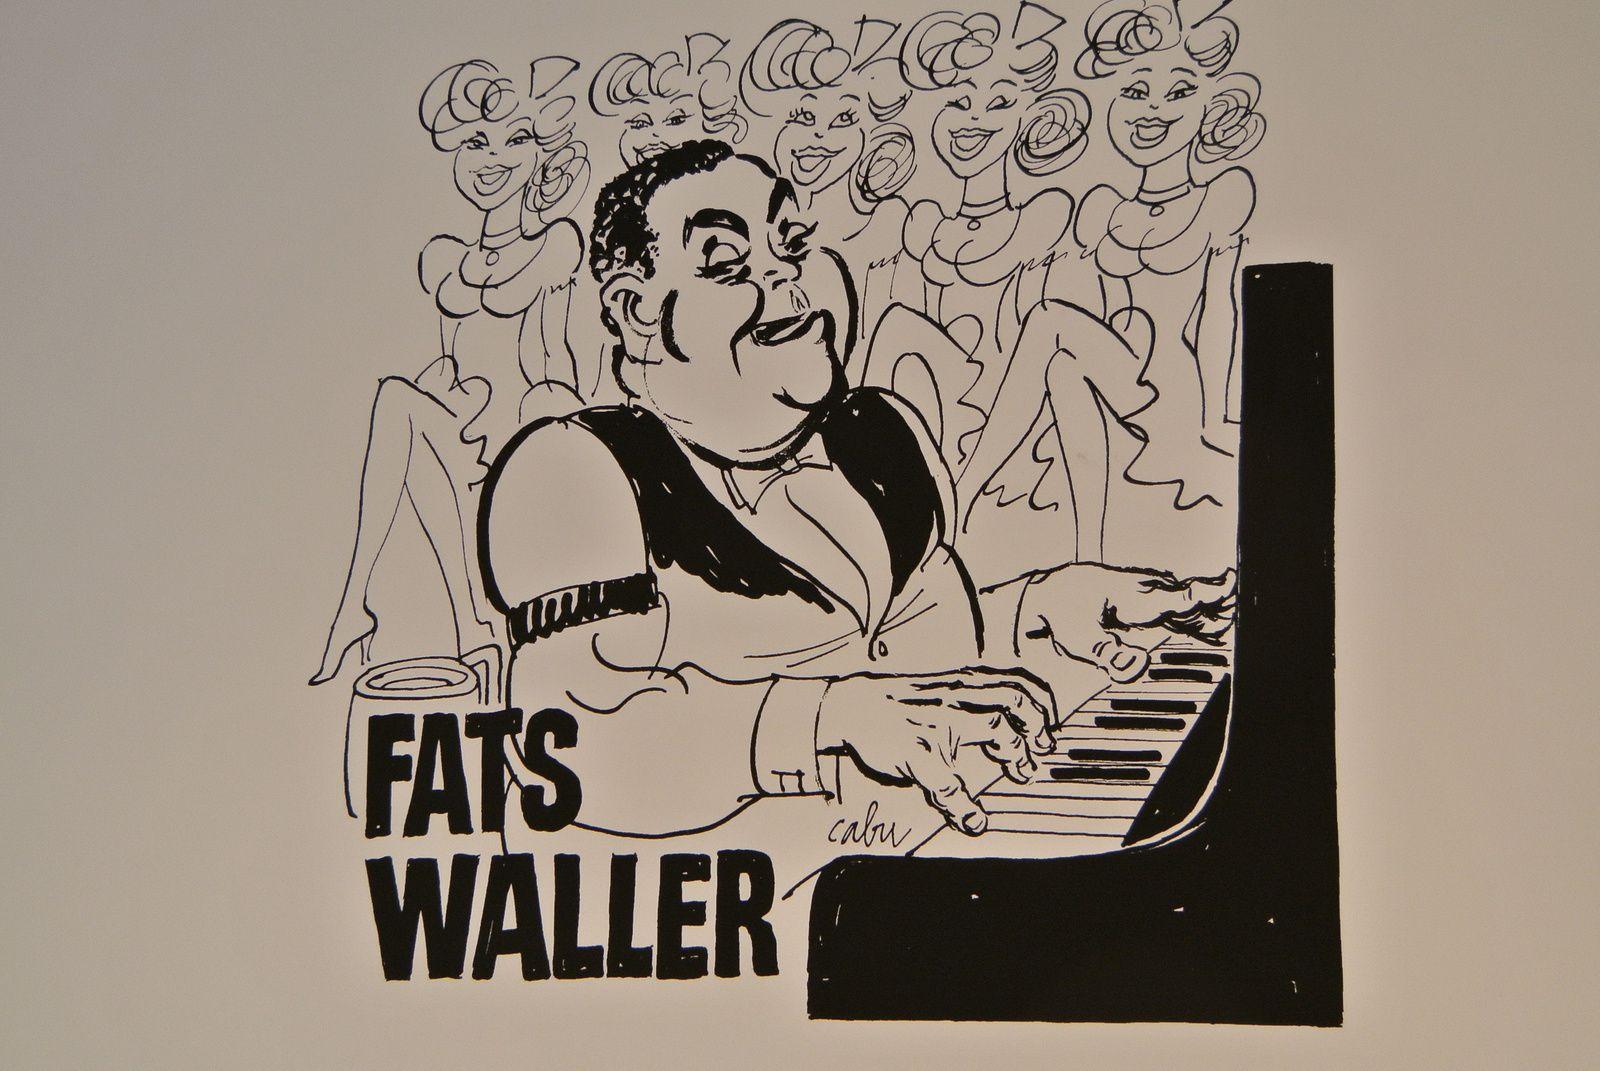 FATS WALLER SELON CABU